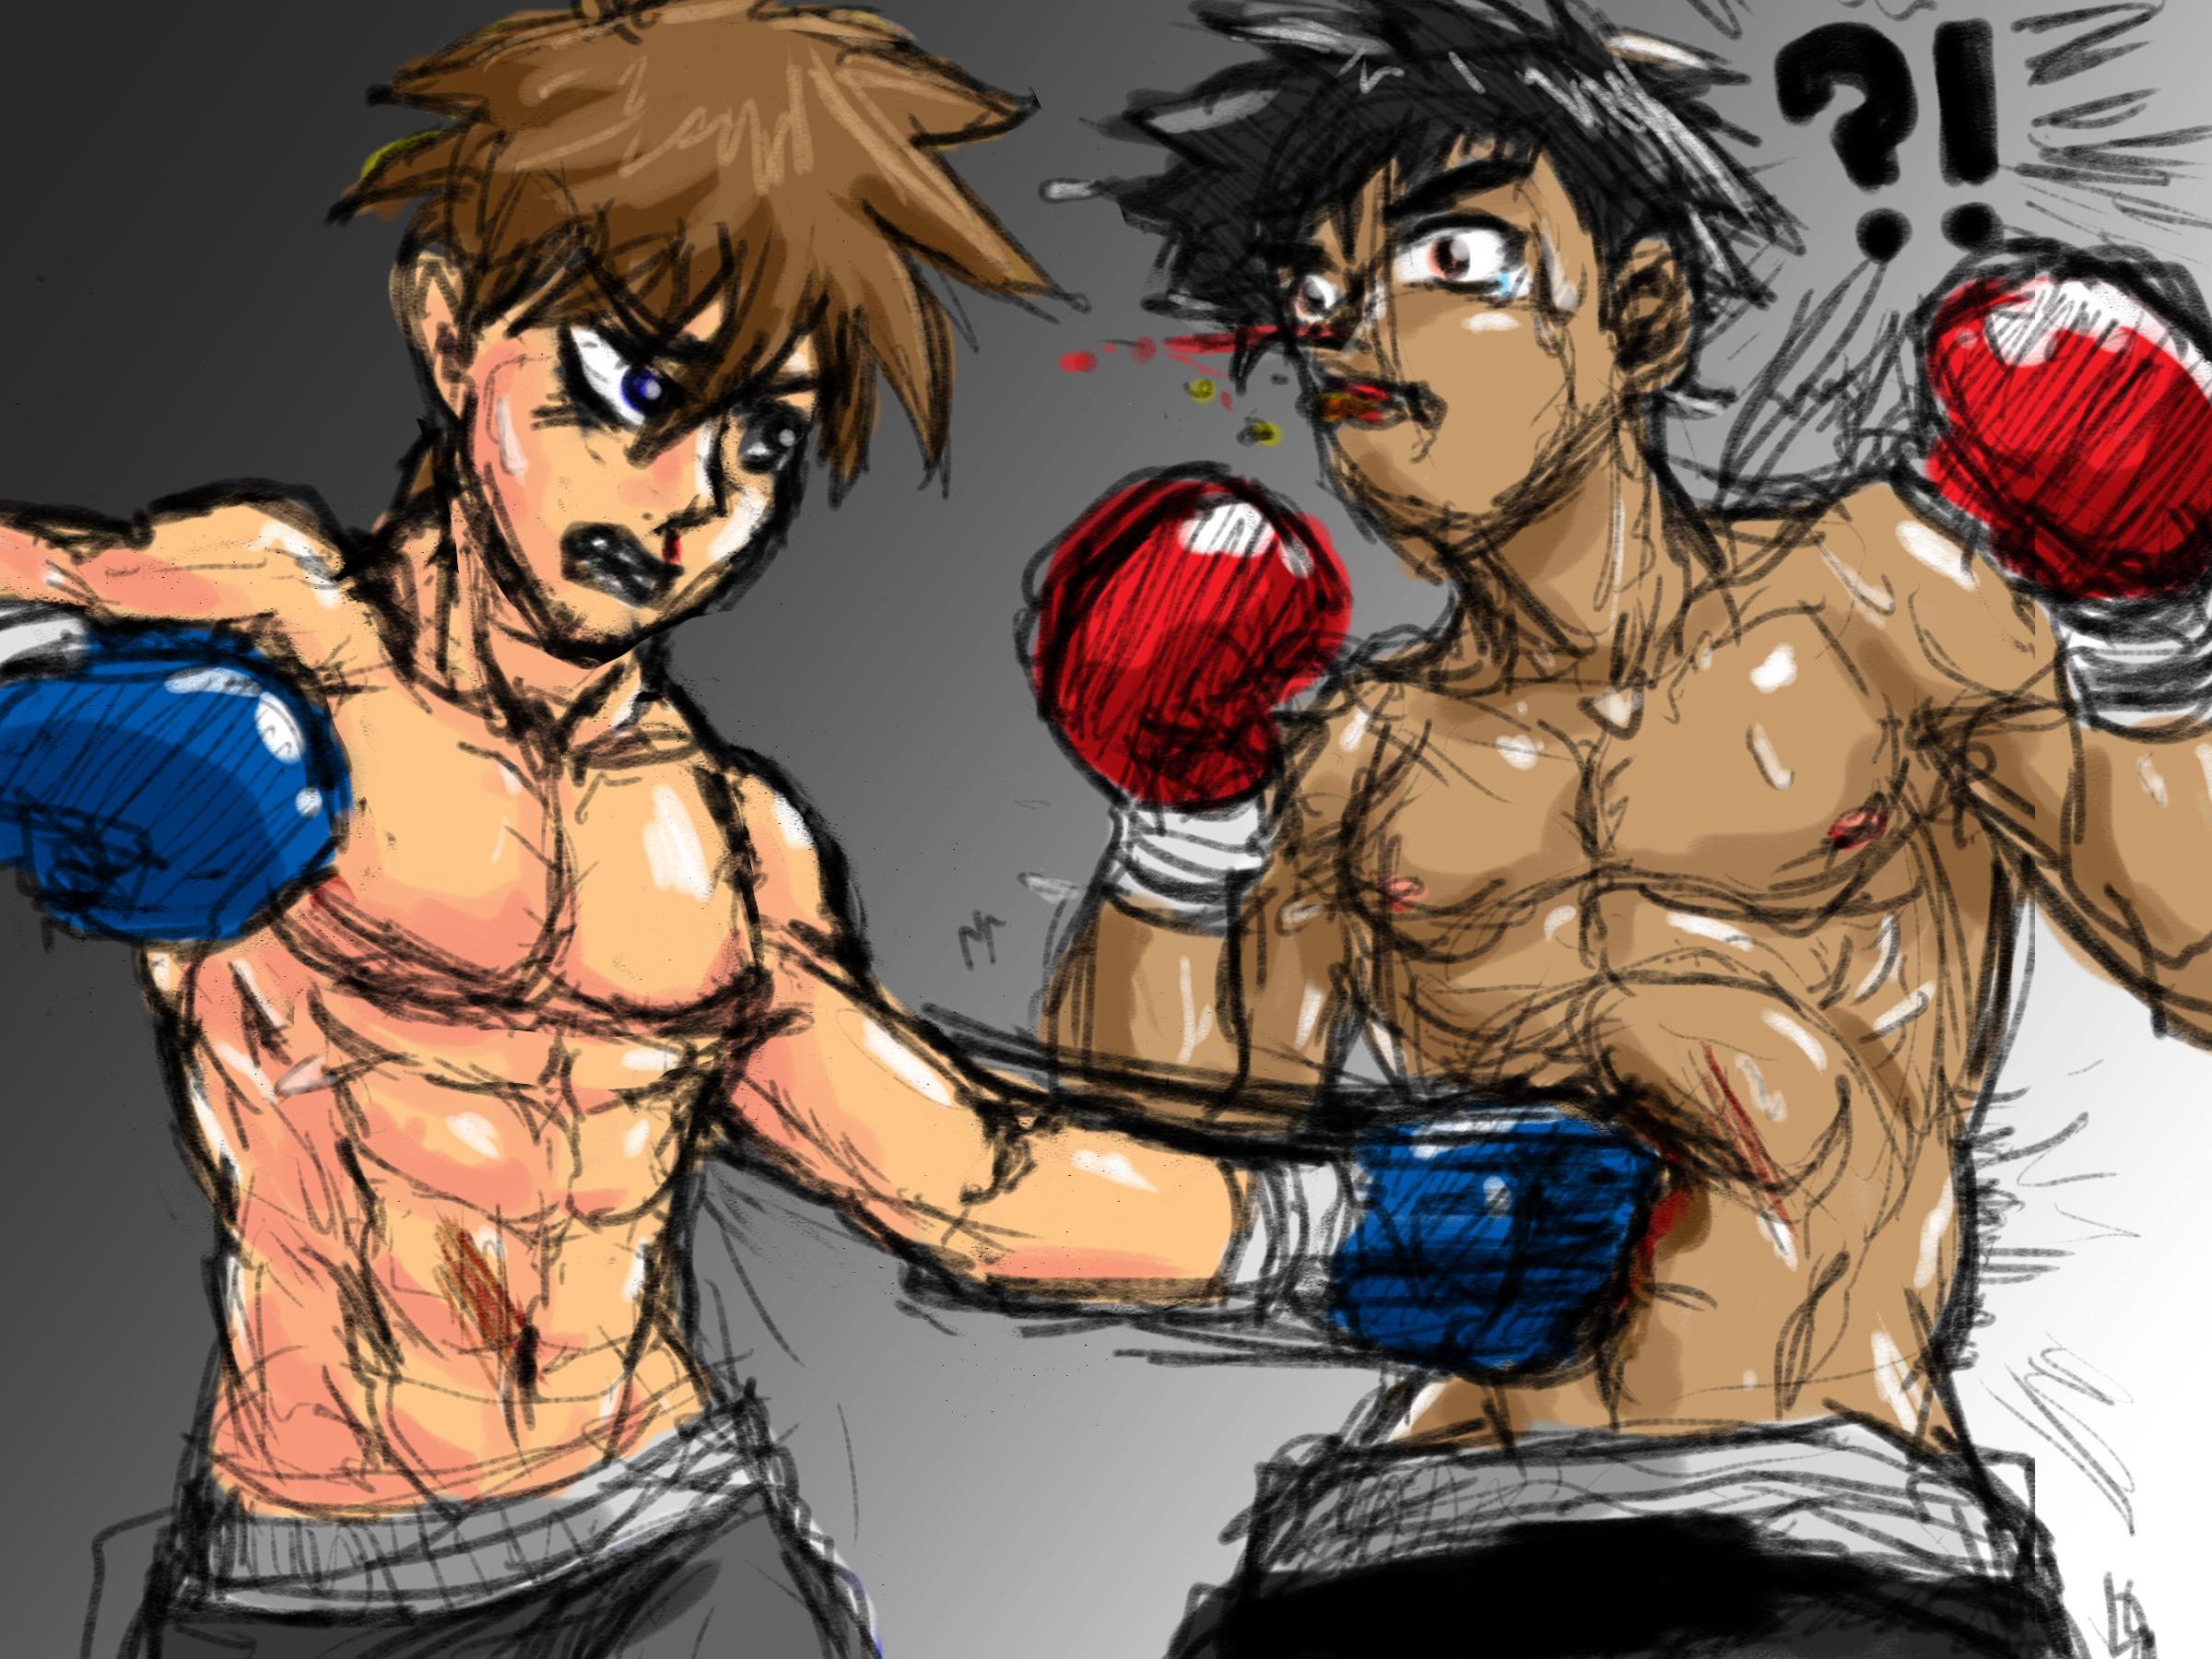 Gut Punch Doodle by P-KC